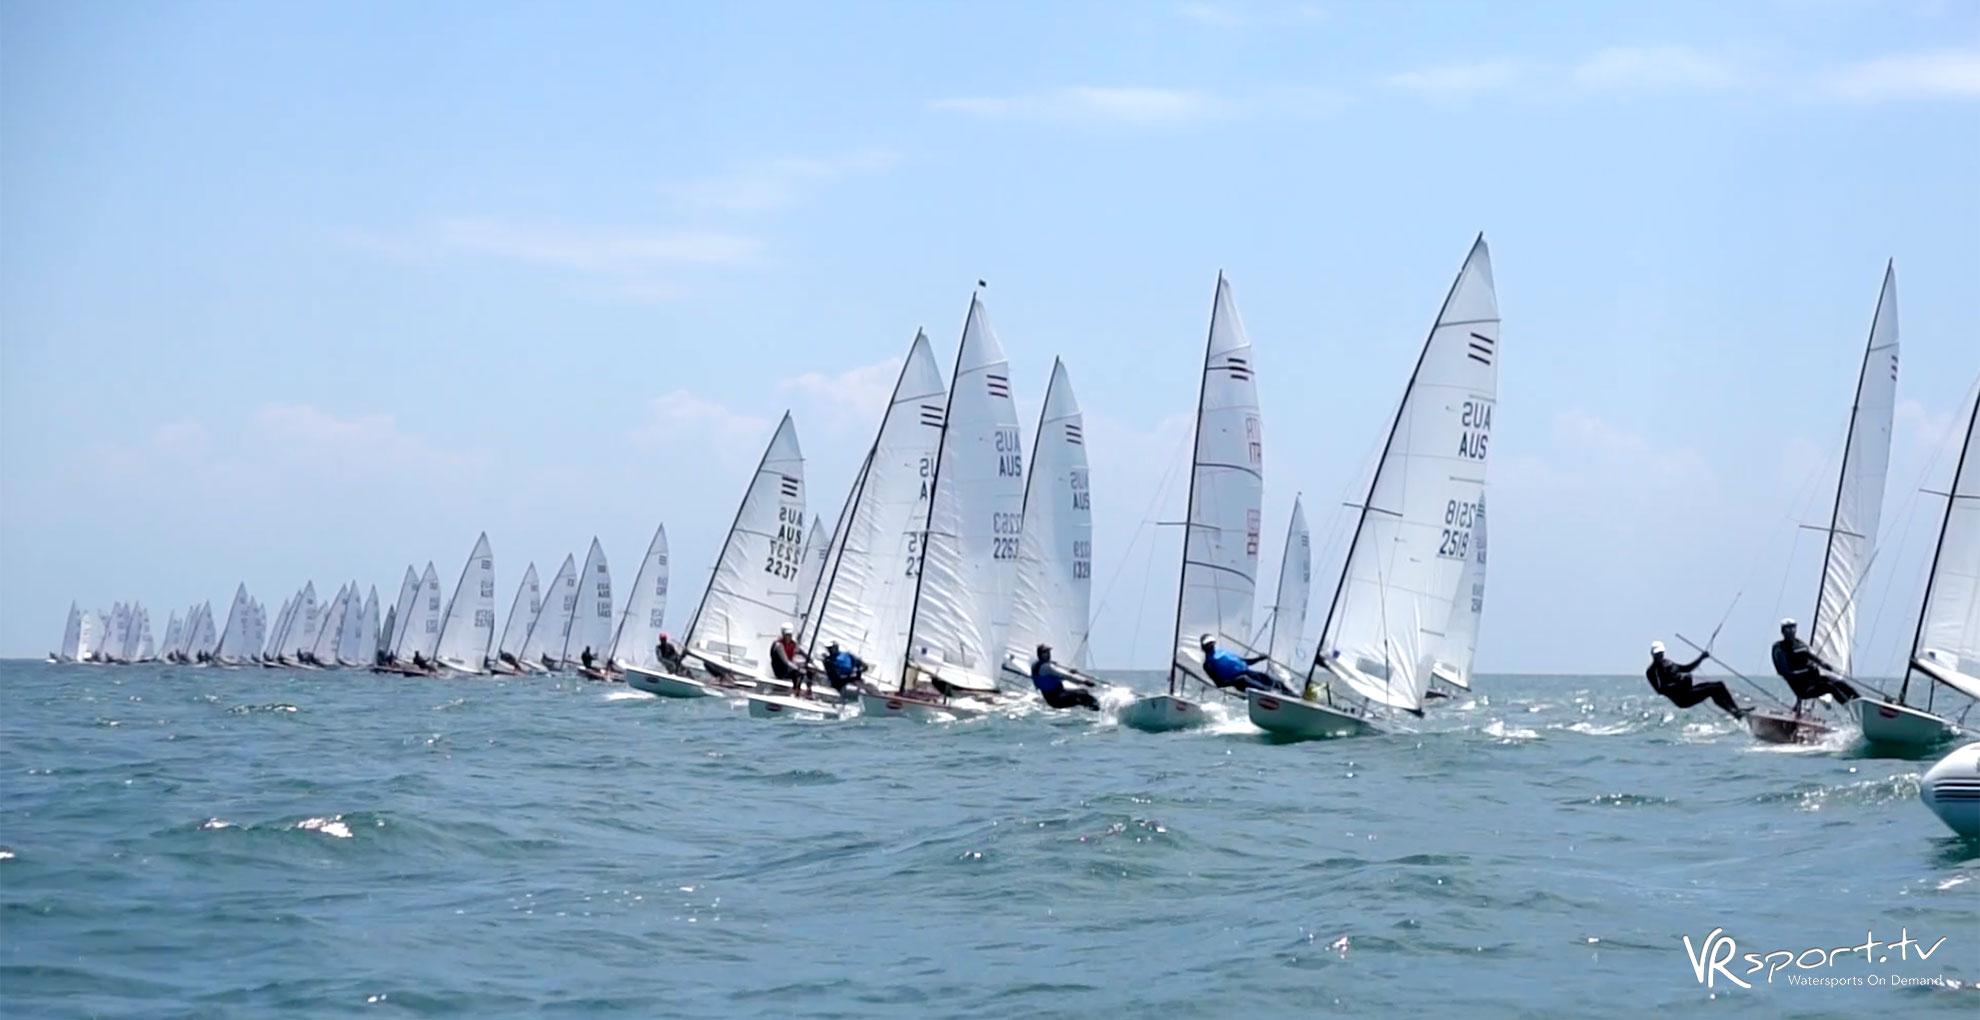 Final-race-start